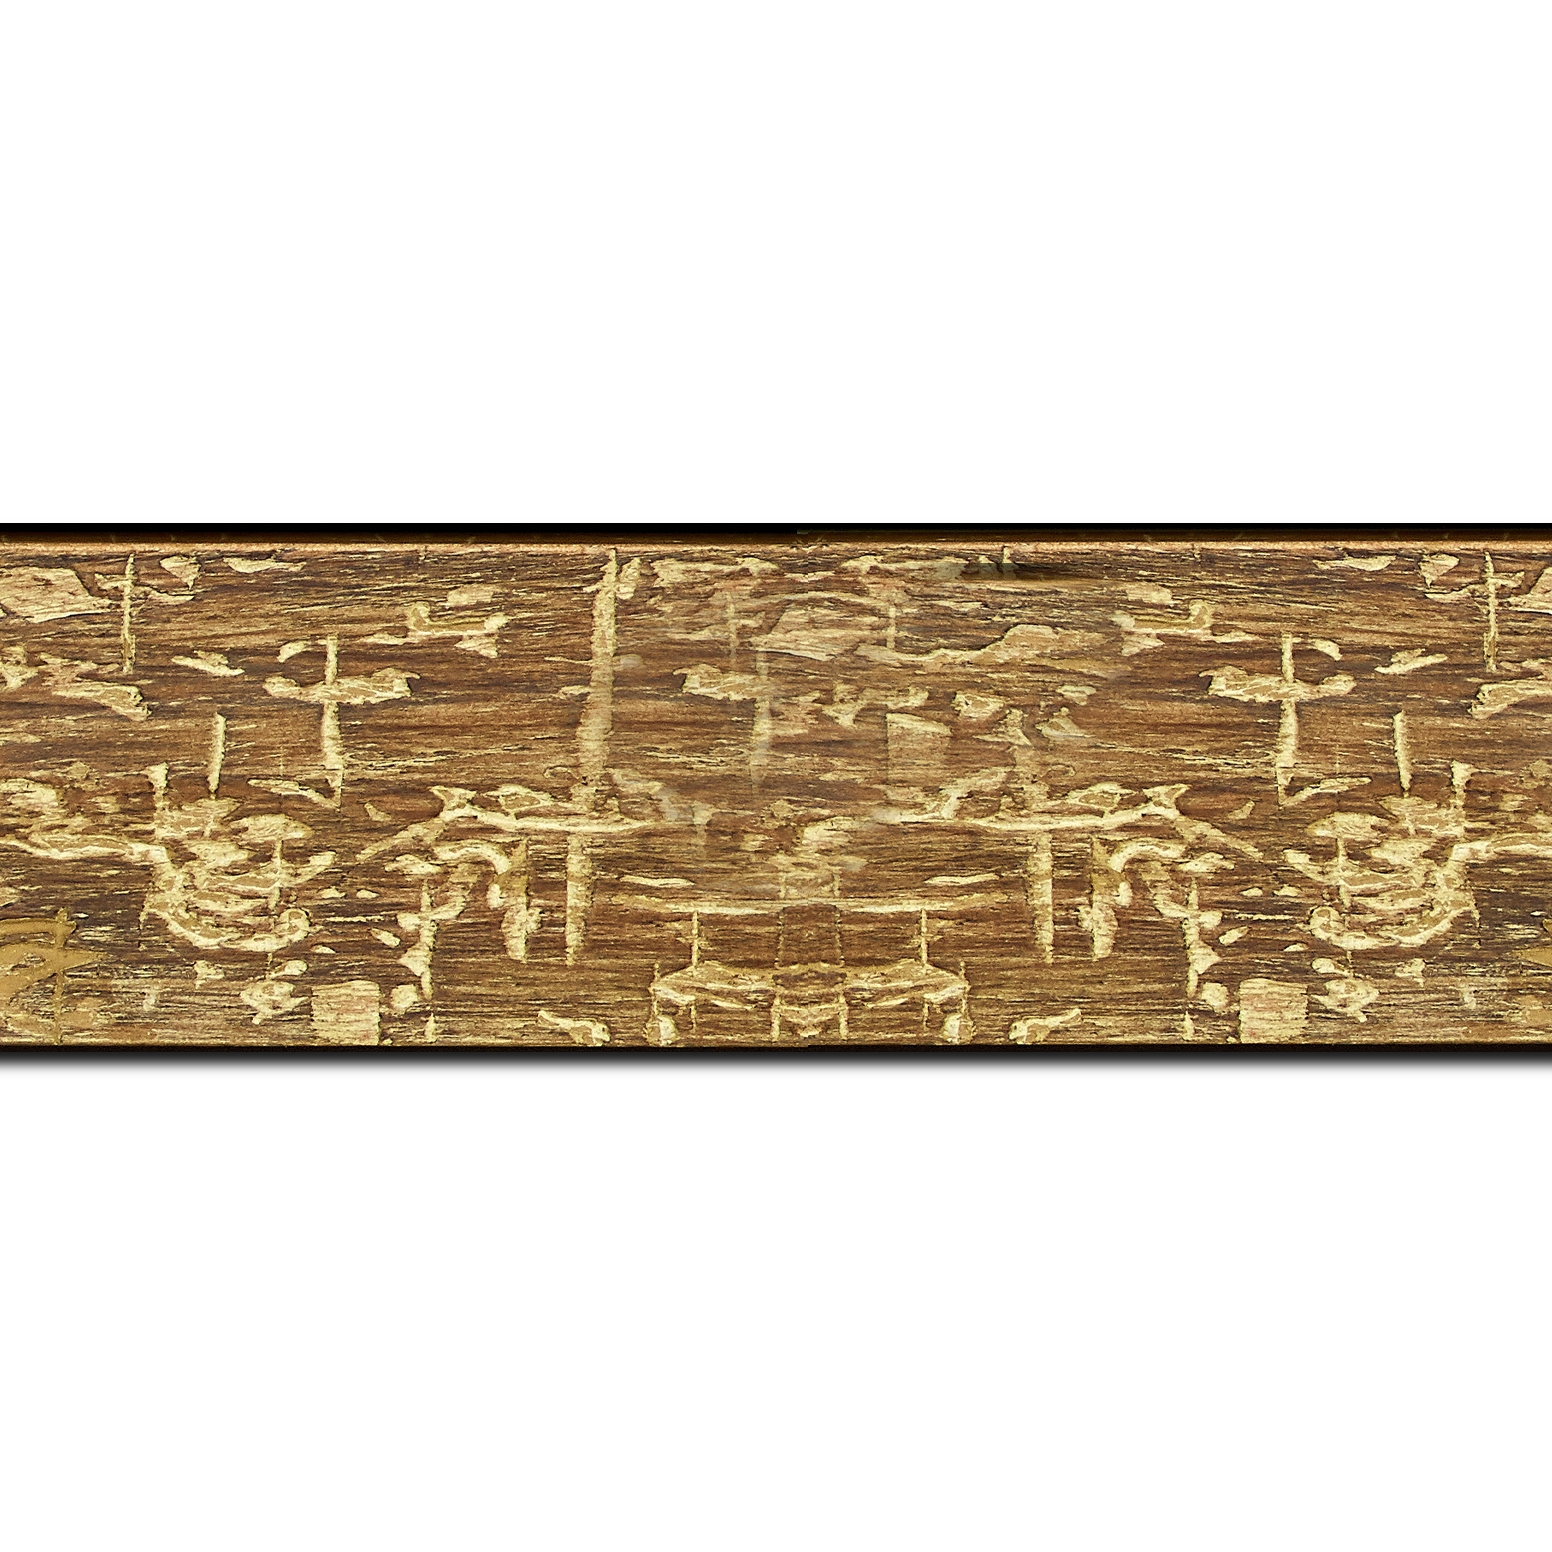 Baguette longueur 1.40m bois profil plat largeur 5cm couleur marron jauni finition bois brut aspect palette